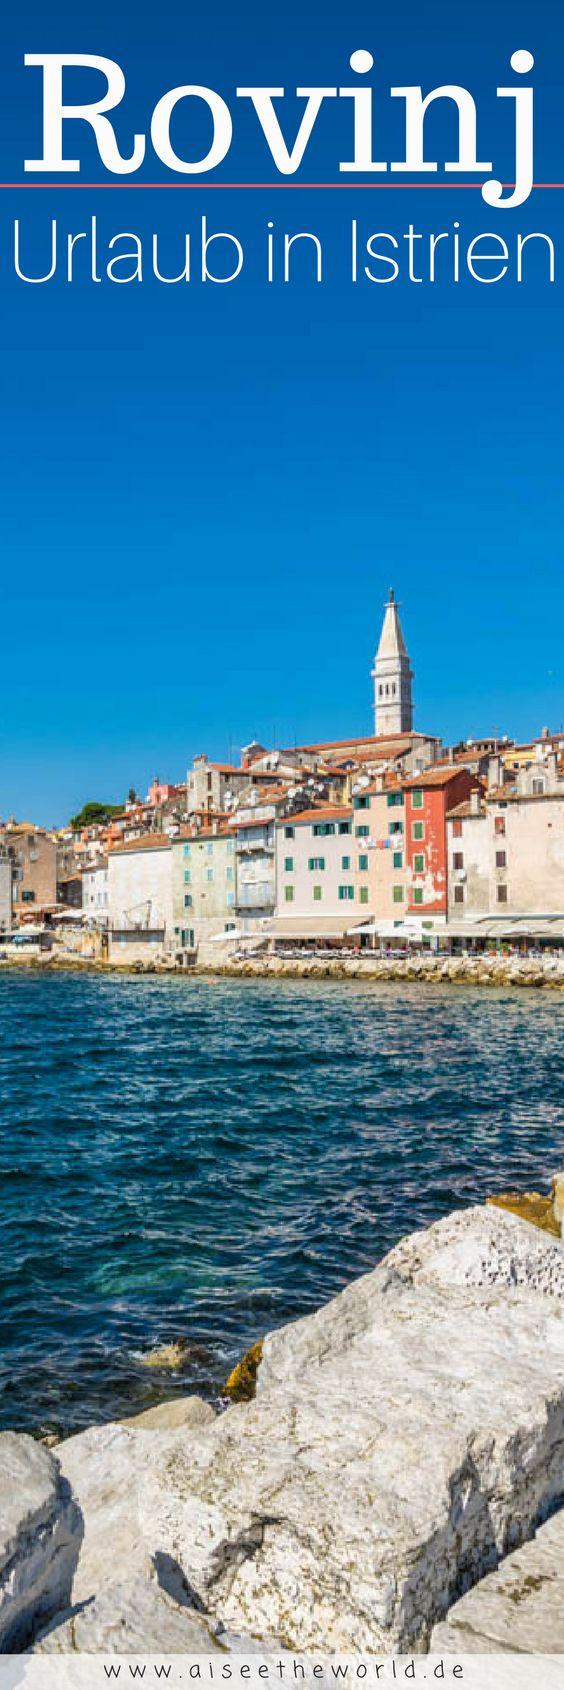 Tipps für deine #Reise nach #rovinj - du fliegst nach Kroatien und benötigst noch Reisetipps für deinen nächsten Urlaub? Besuche unbedingt die Stadt Rovinj in #istrien #europa